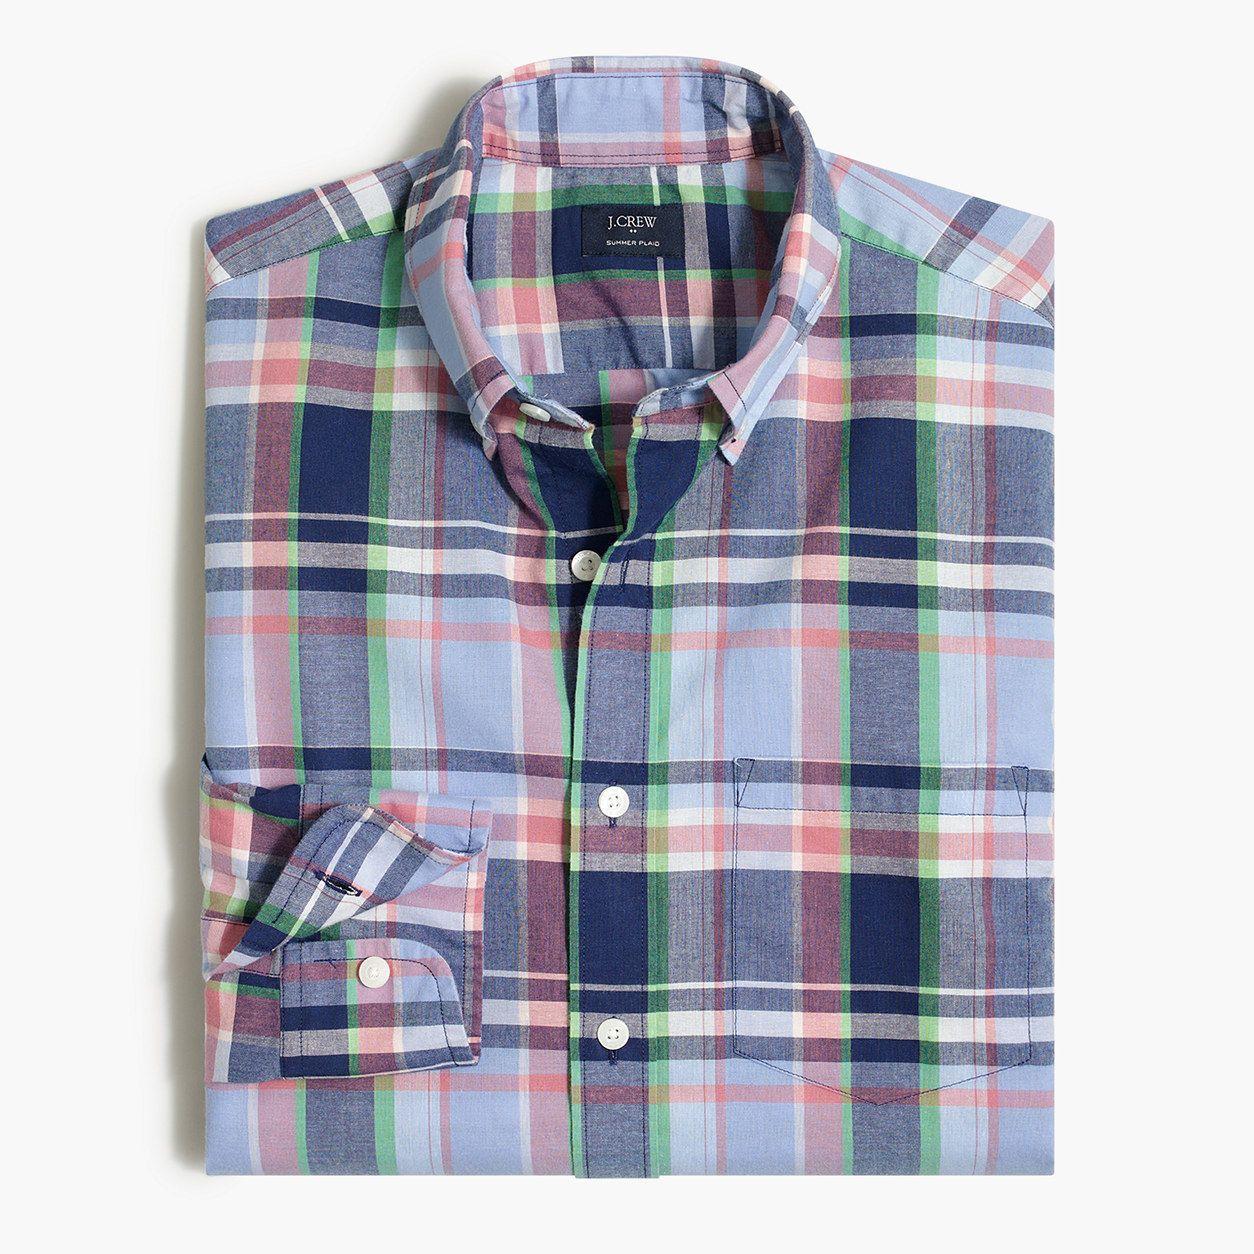 e6292a4456305f Factory summer plaid shirt : Summer Plaid | J.Crew Factory | Madras ...